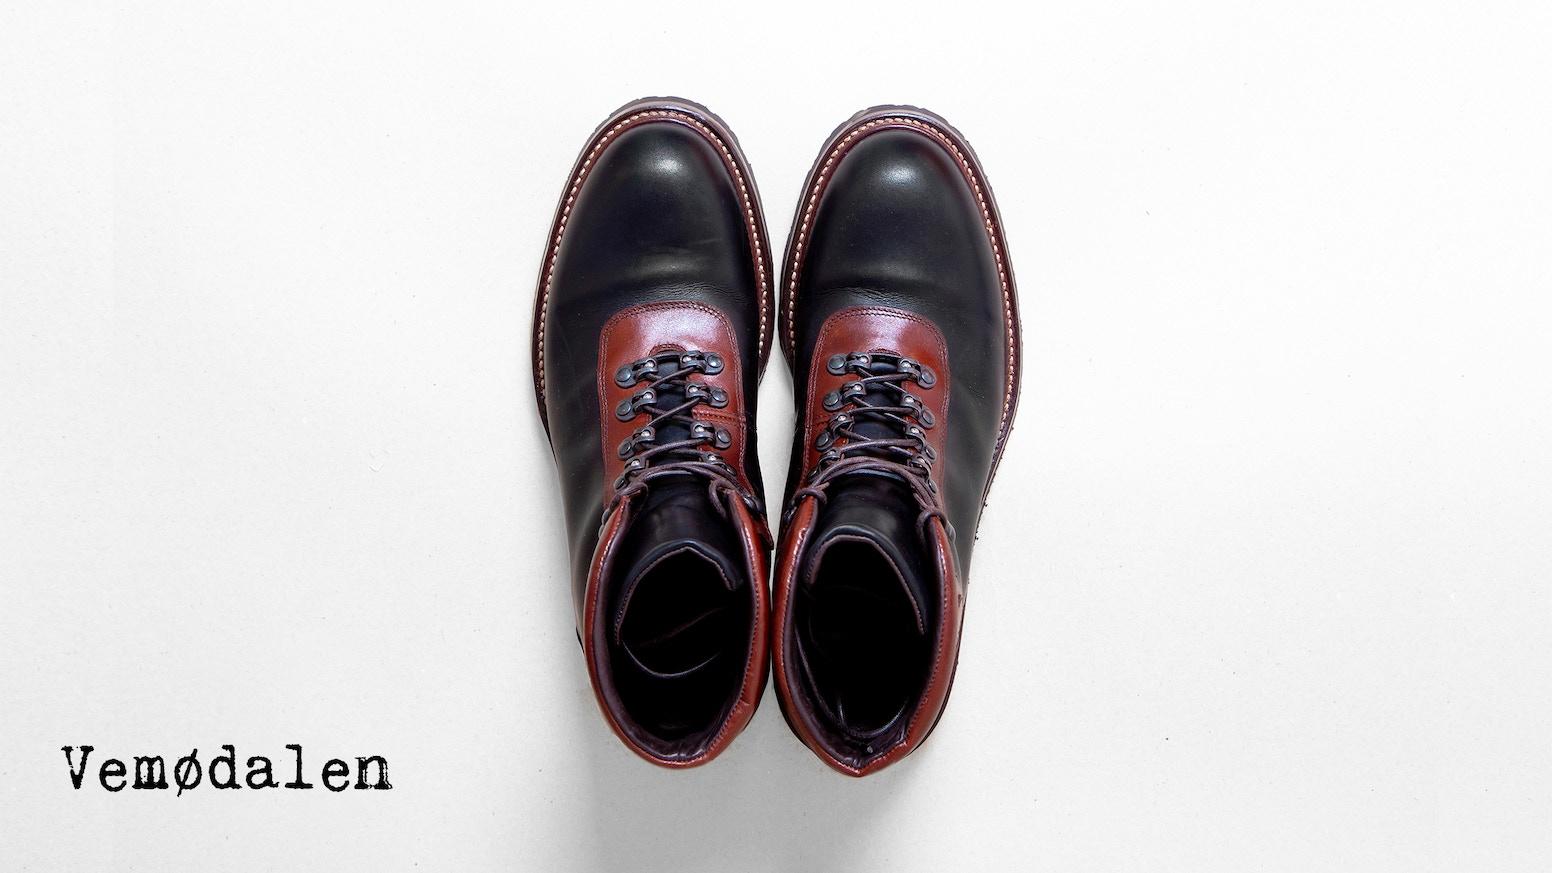 644d910d2861 Vemødalen Boots - The Saint Denis by Martin Eriksson — Kickstarter